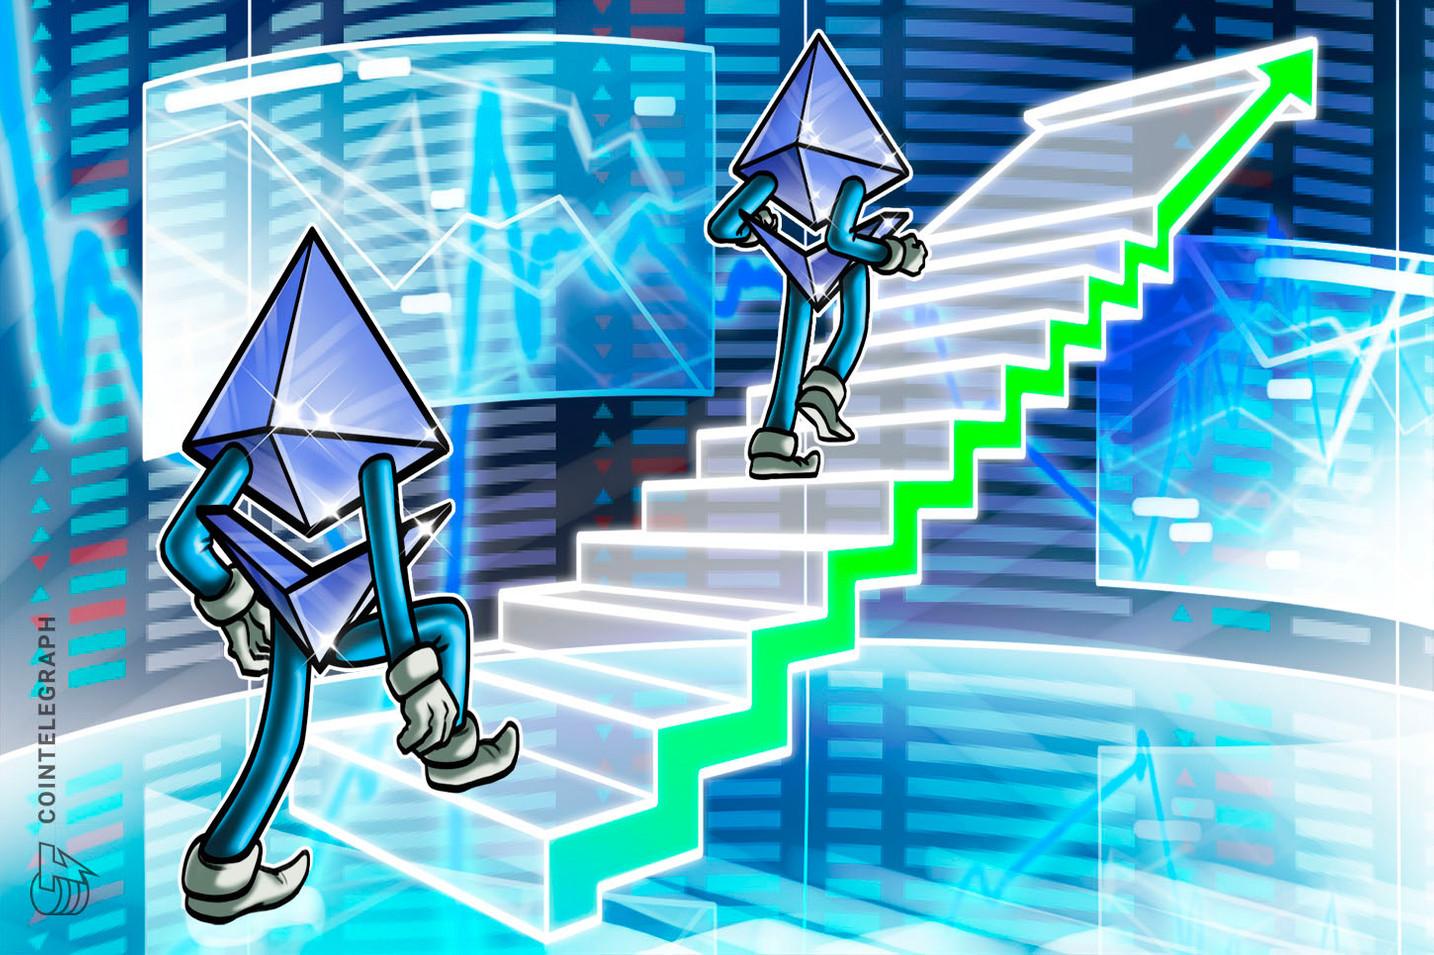 Exchange de criptomonedas Bybit lanzará contratos de futuros de Ether